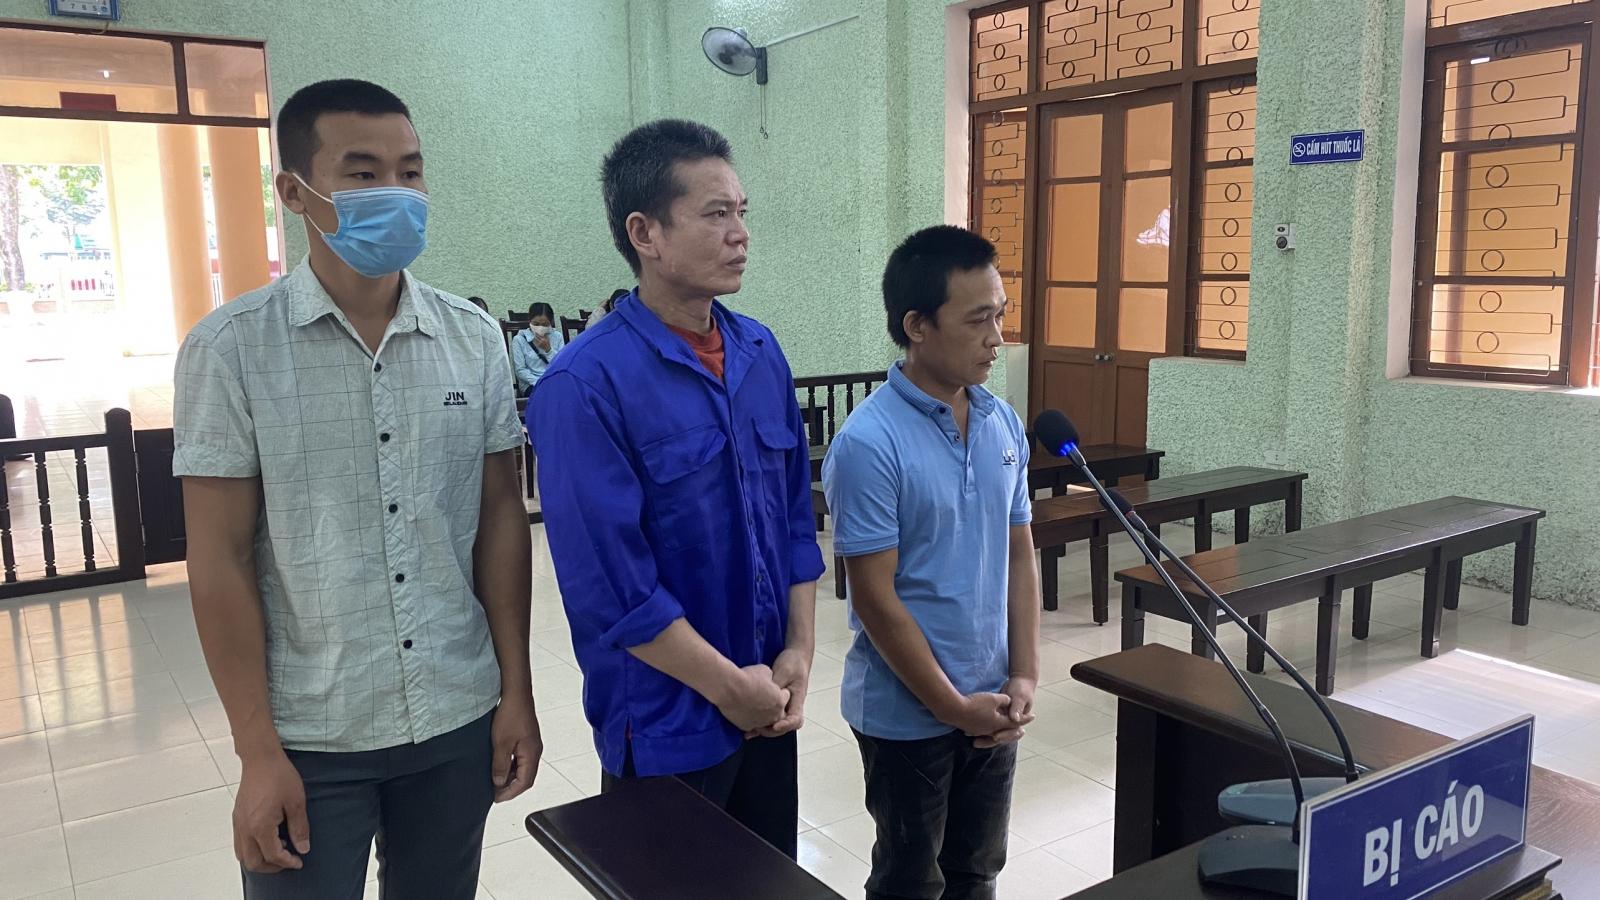 Tổ chức cho người khác xuất cảnh trái phép, 3 đối tượng lĩnh án 26 năm tù giam